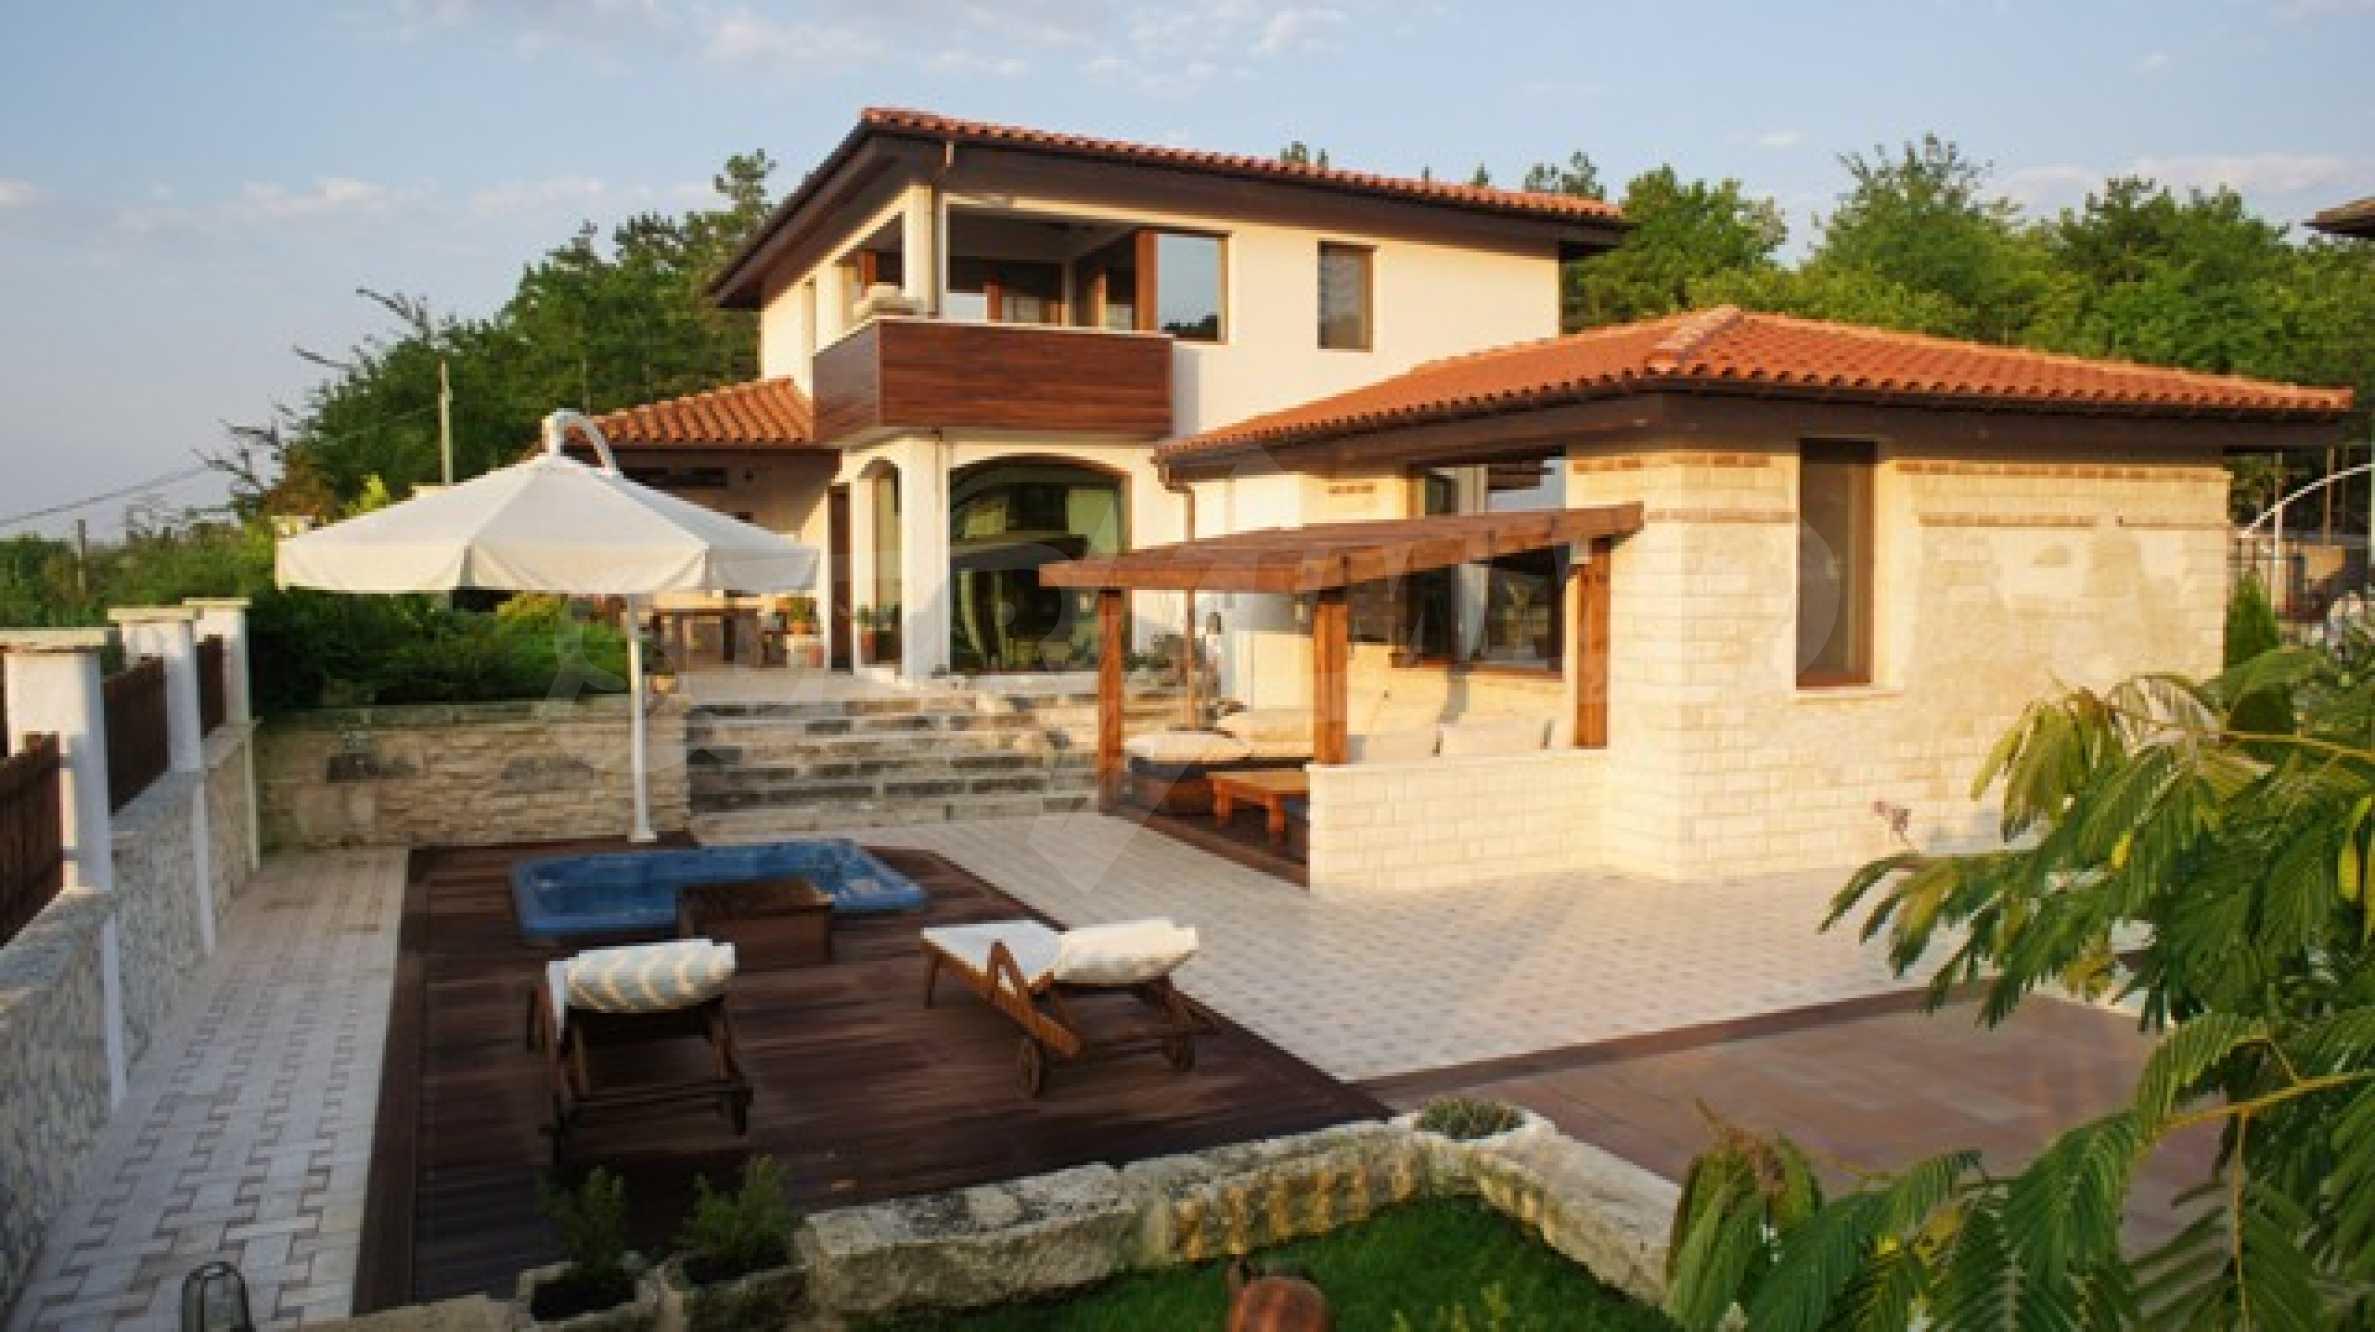 Mediterraner Stil - Luxus zum Sonderpreis 6